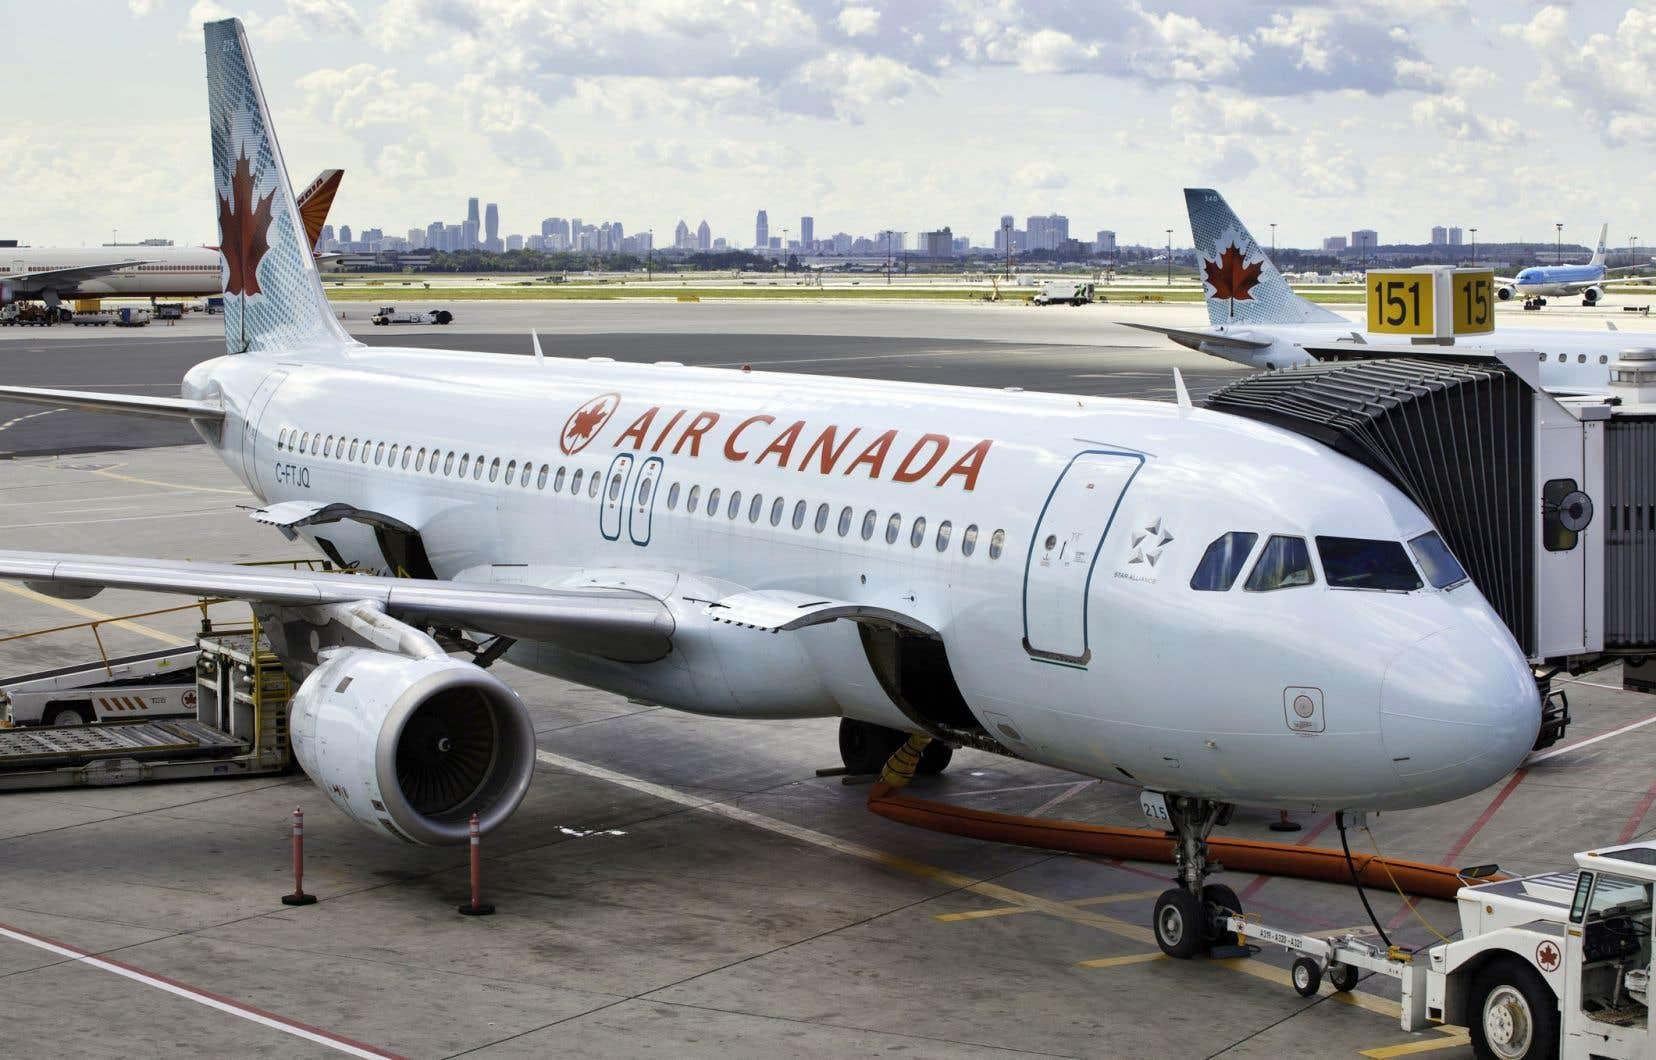 Le fait d'avoir des syndicats qui représentent des employés au sein d'Air Canada et d'Air Transat change la dynamique de la fusion.